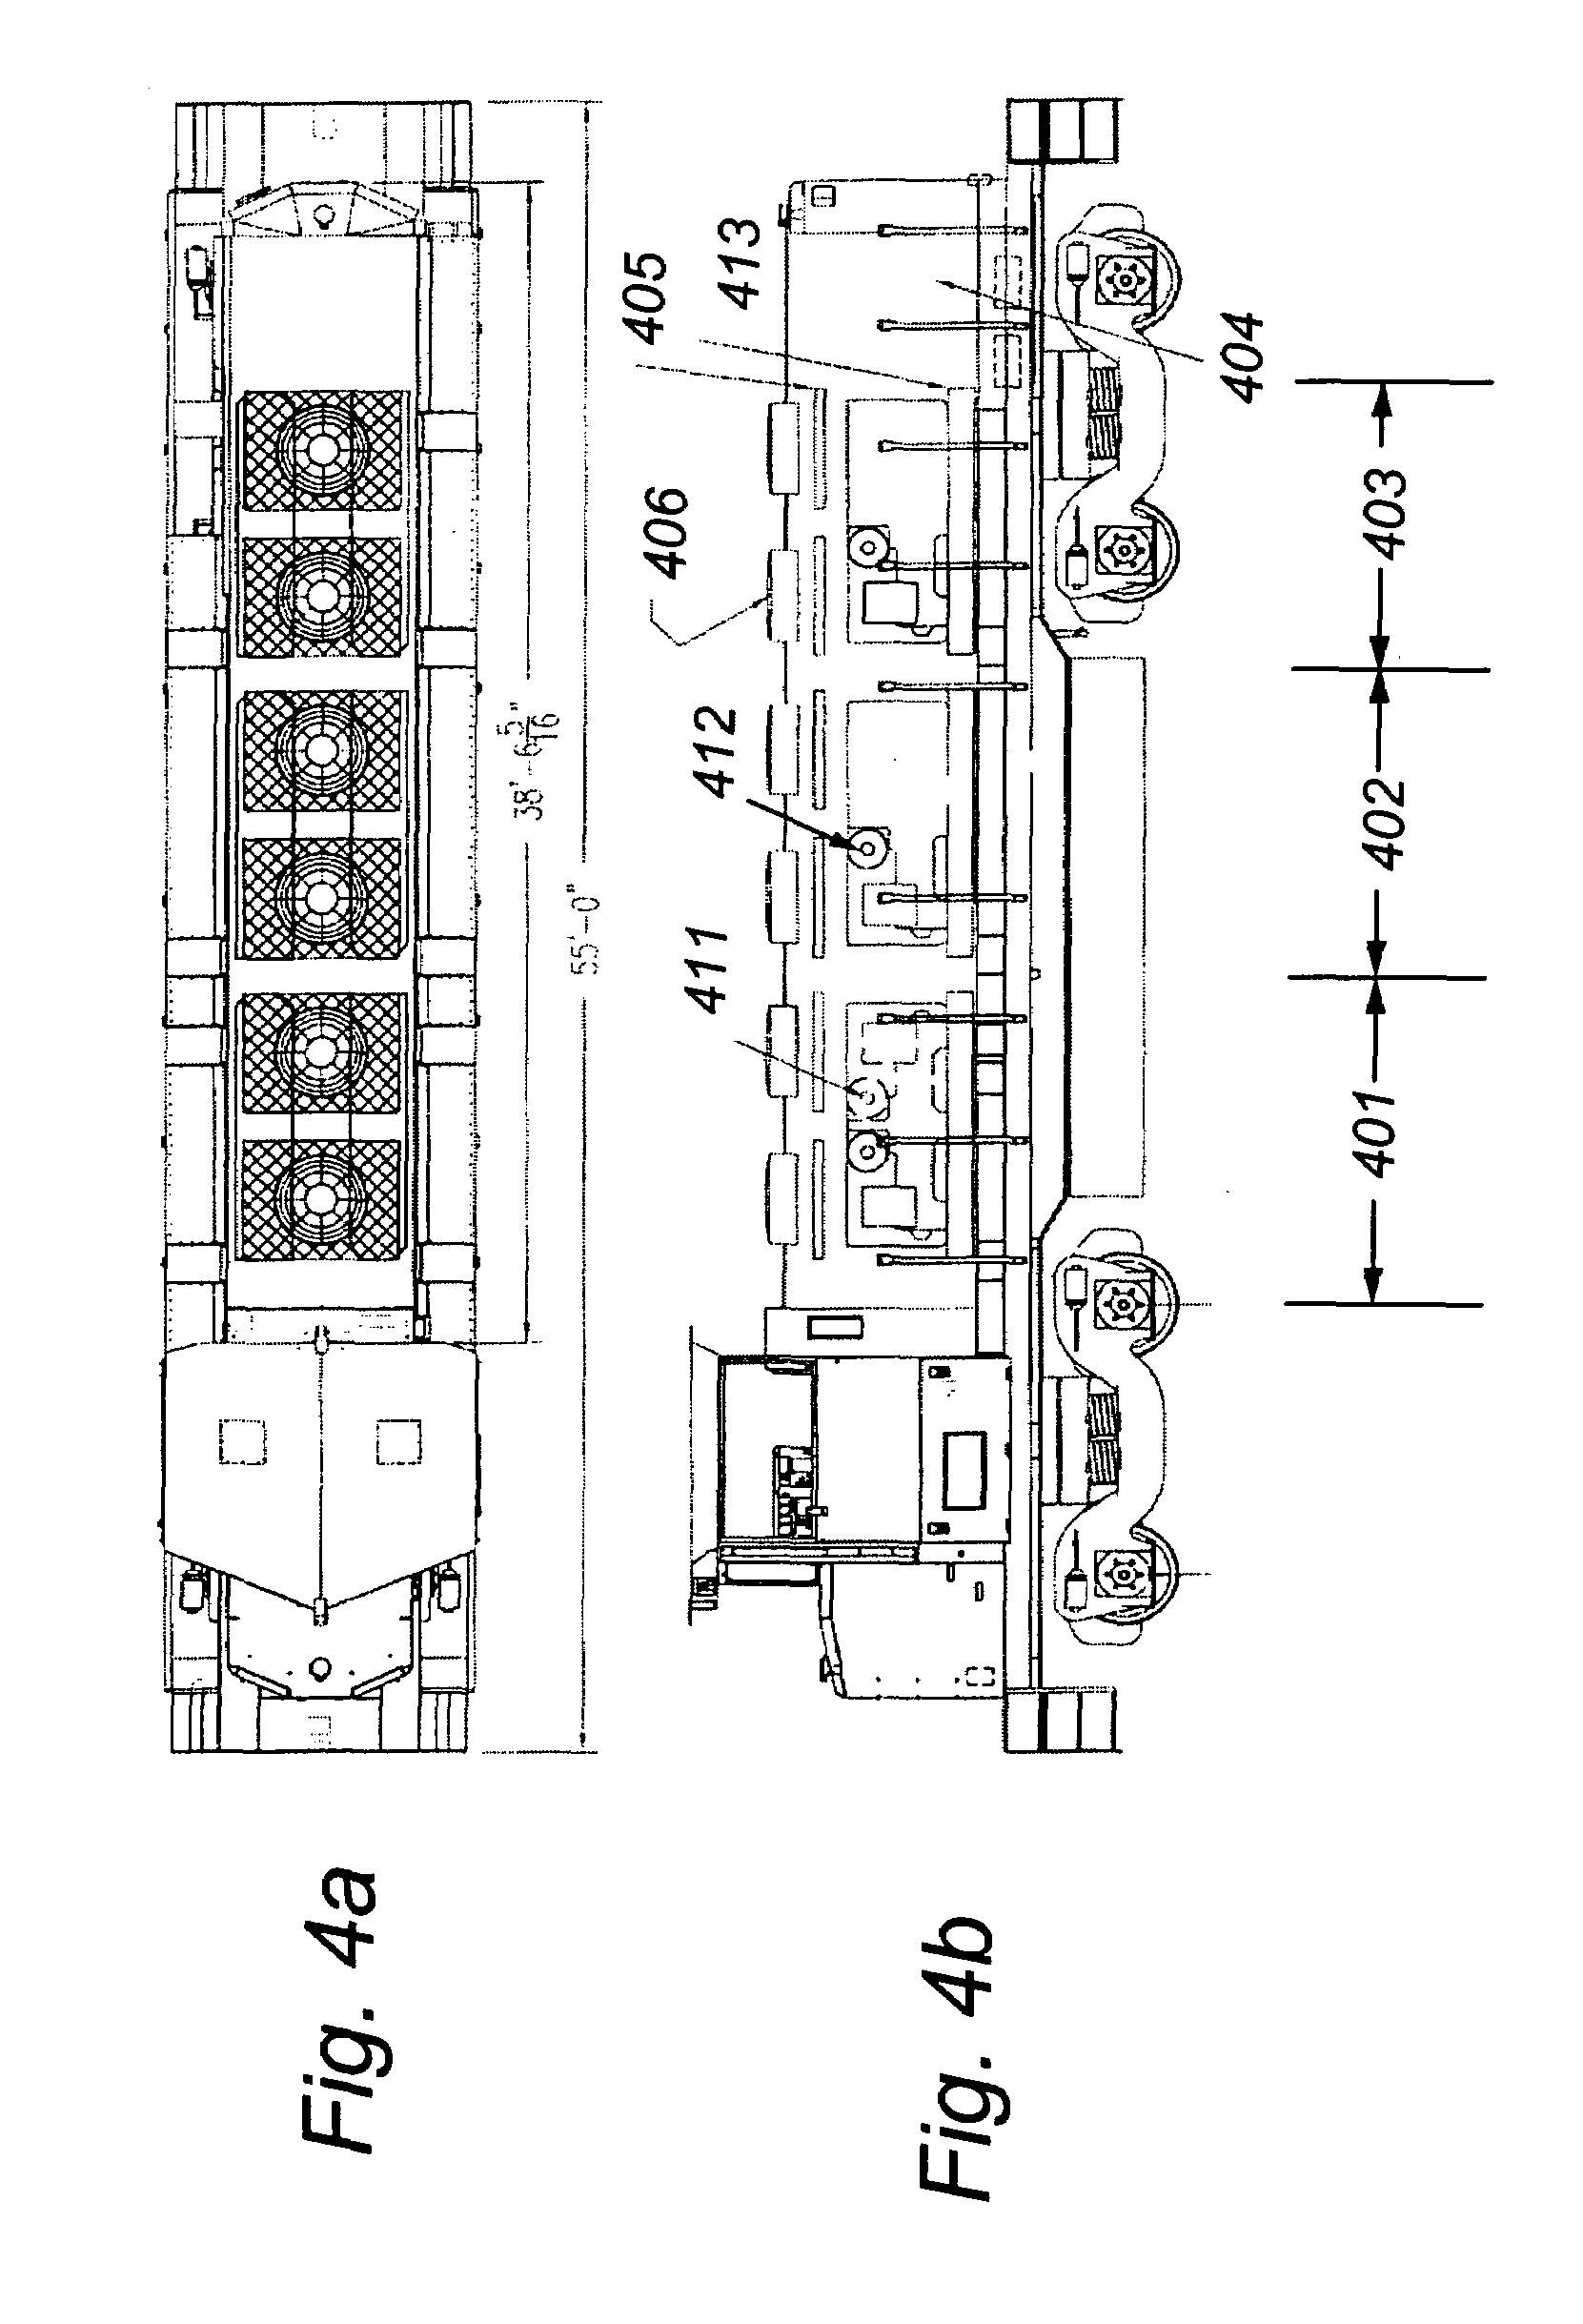 diesel locomotive engine diagram one wire alternator conversion wiring diagram diagram gsxr